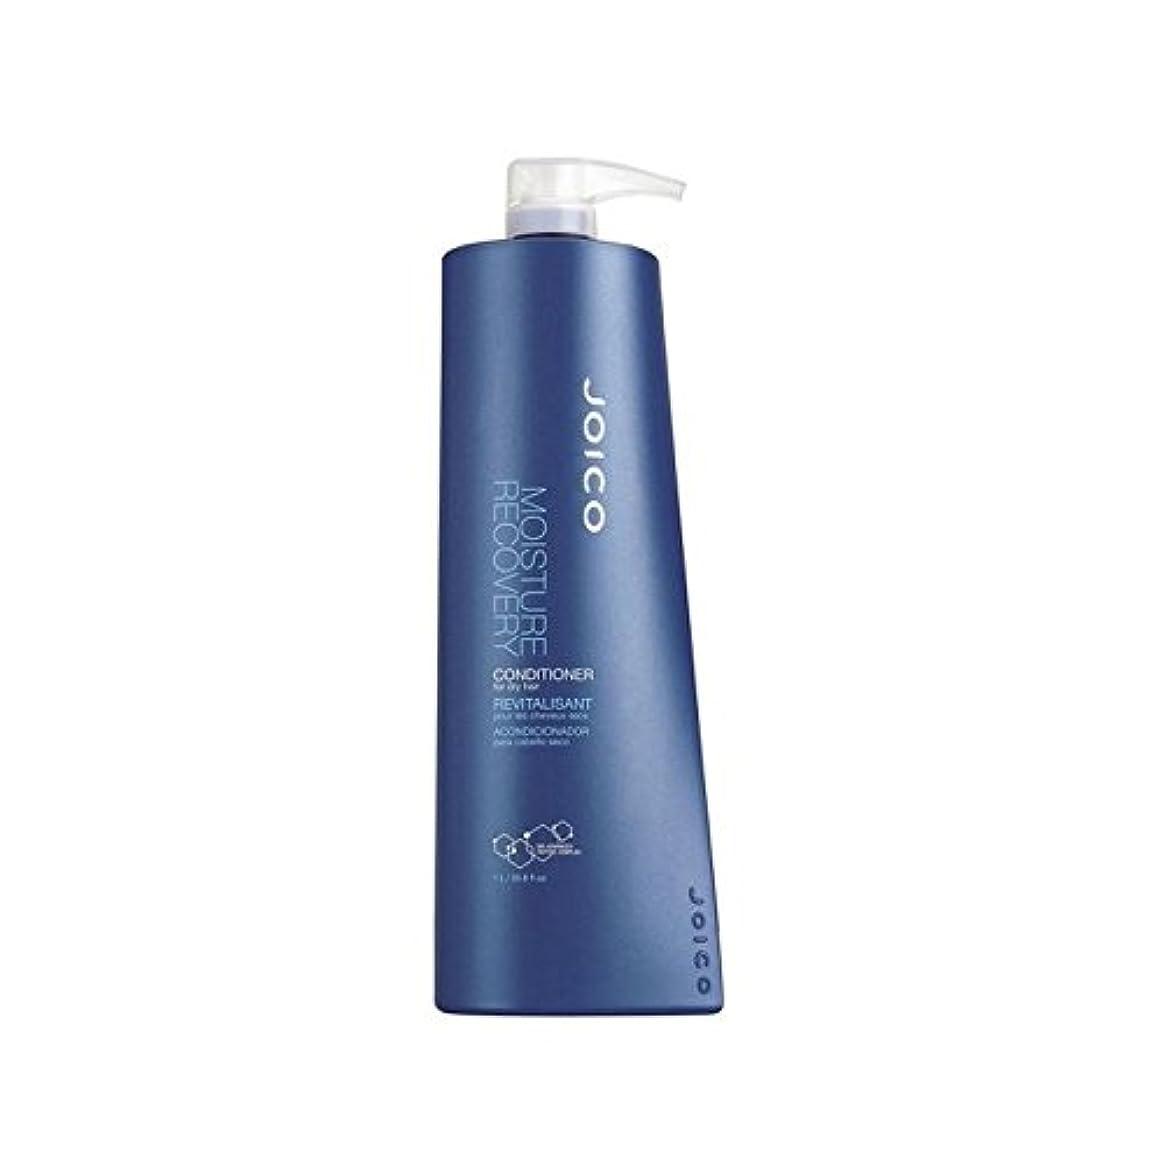 取り付けグラス扇動するJoico Moisture Recovery Conditioner For Dry Hair (1000ml) (Pack of 6) - 乾いた髪用ジョイコ水分回復コンディショナー(千ミリリットル) x6 [並行輸入品]